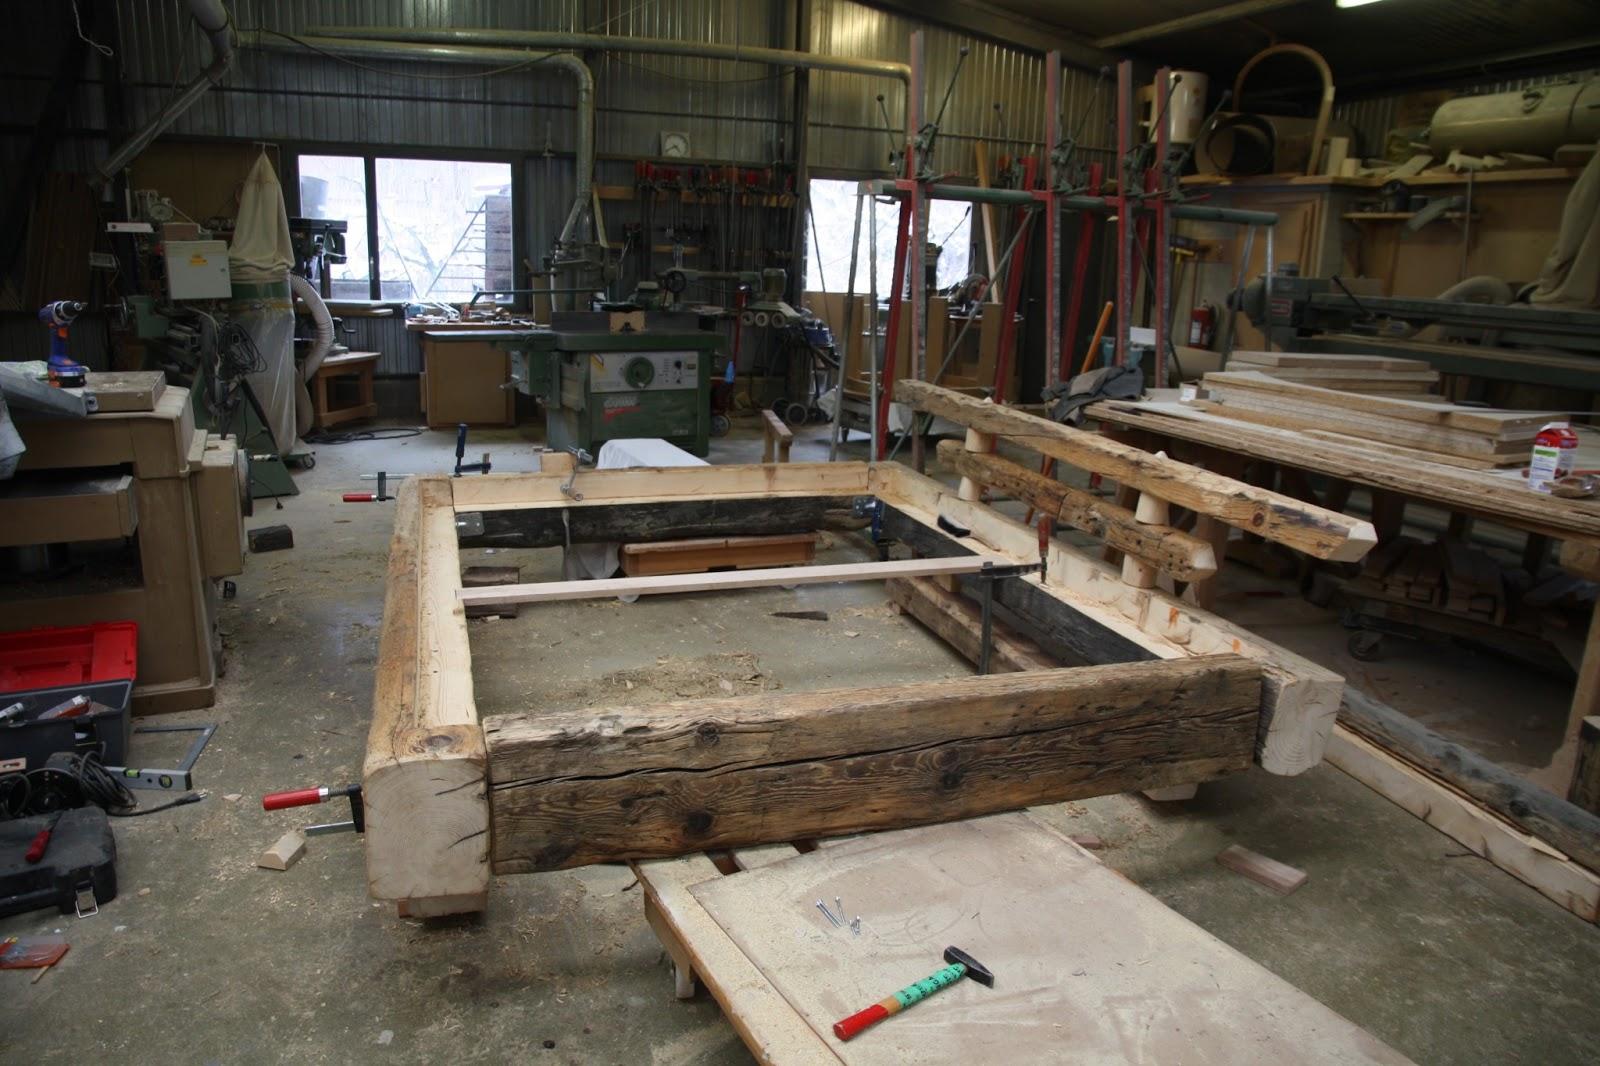 fabrication de lits sur mesure atelier du bois. Black Bedroom Furniture Sets. Home Design Ideas